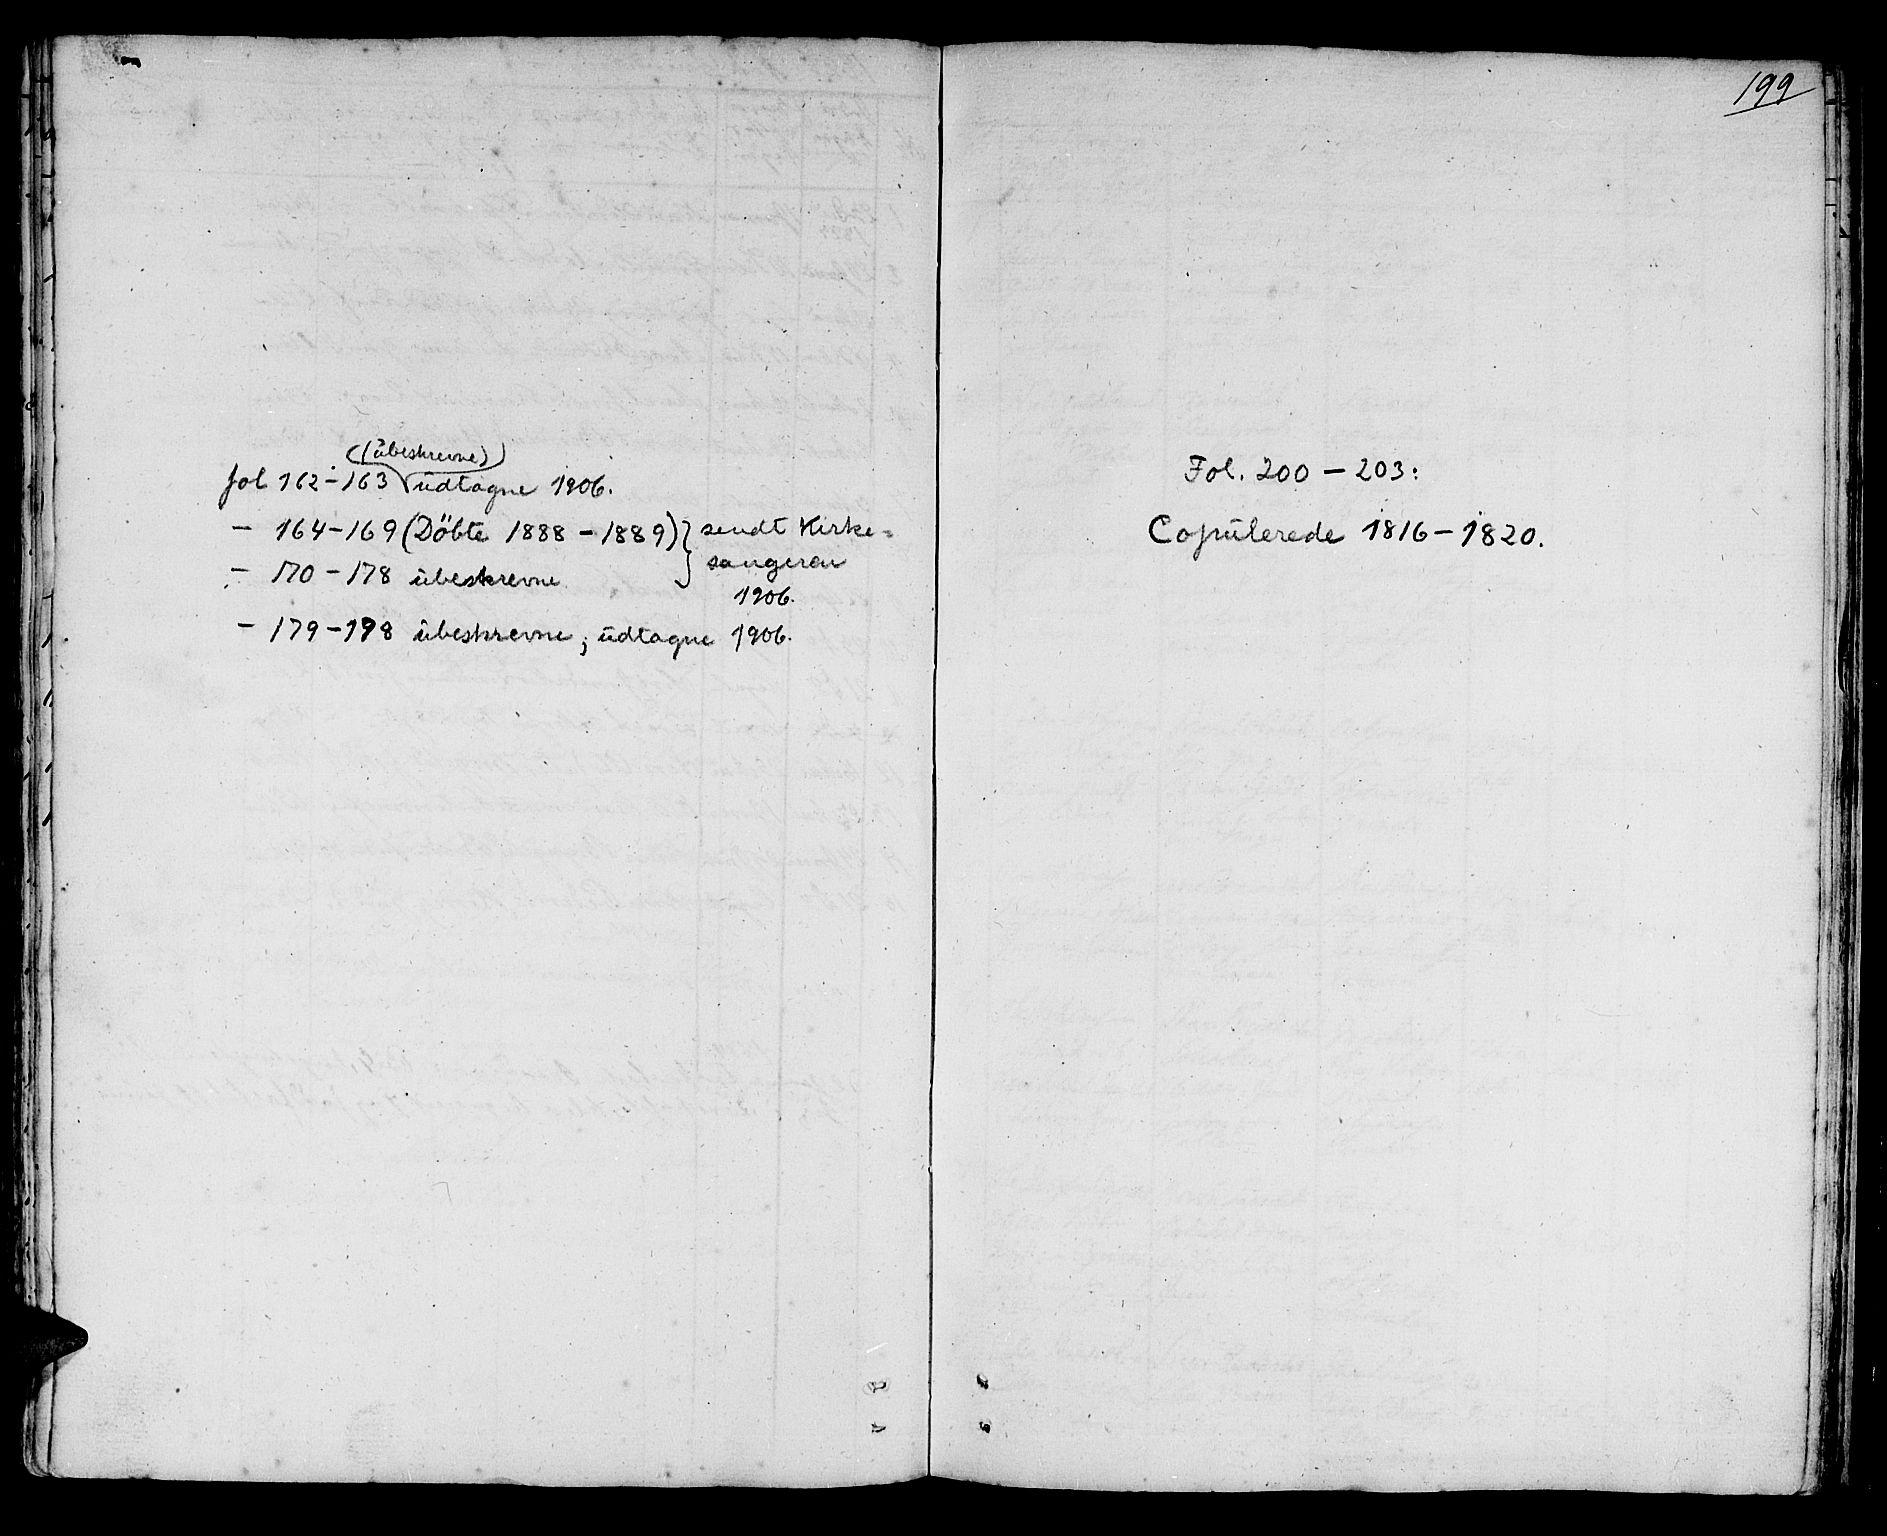 SAT, Ministerialprotokoller, klokkerbøker og fødselsregistre - Sør-Trøndelag, 692/L1108: Klokkerbok nr. 692C03, 1816-1833, s. 199